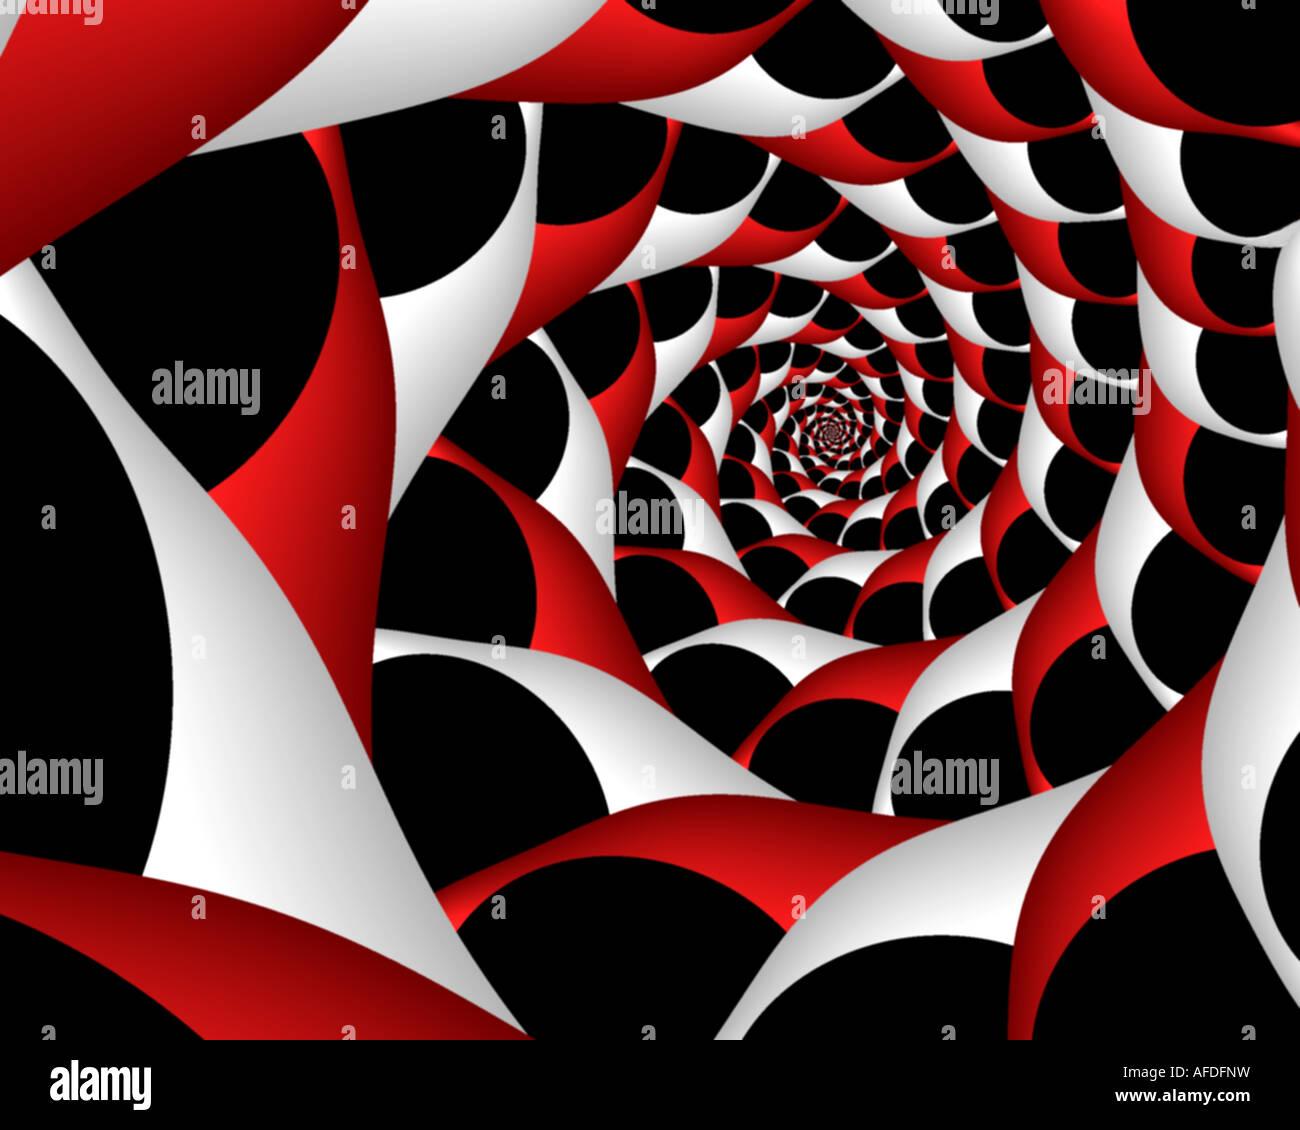 Abstract frattale che assomiglia a un menta piperita ritorto a spirale di vorticazione Immagini Stock